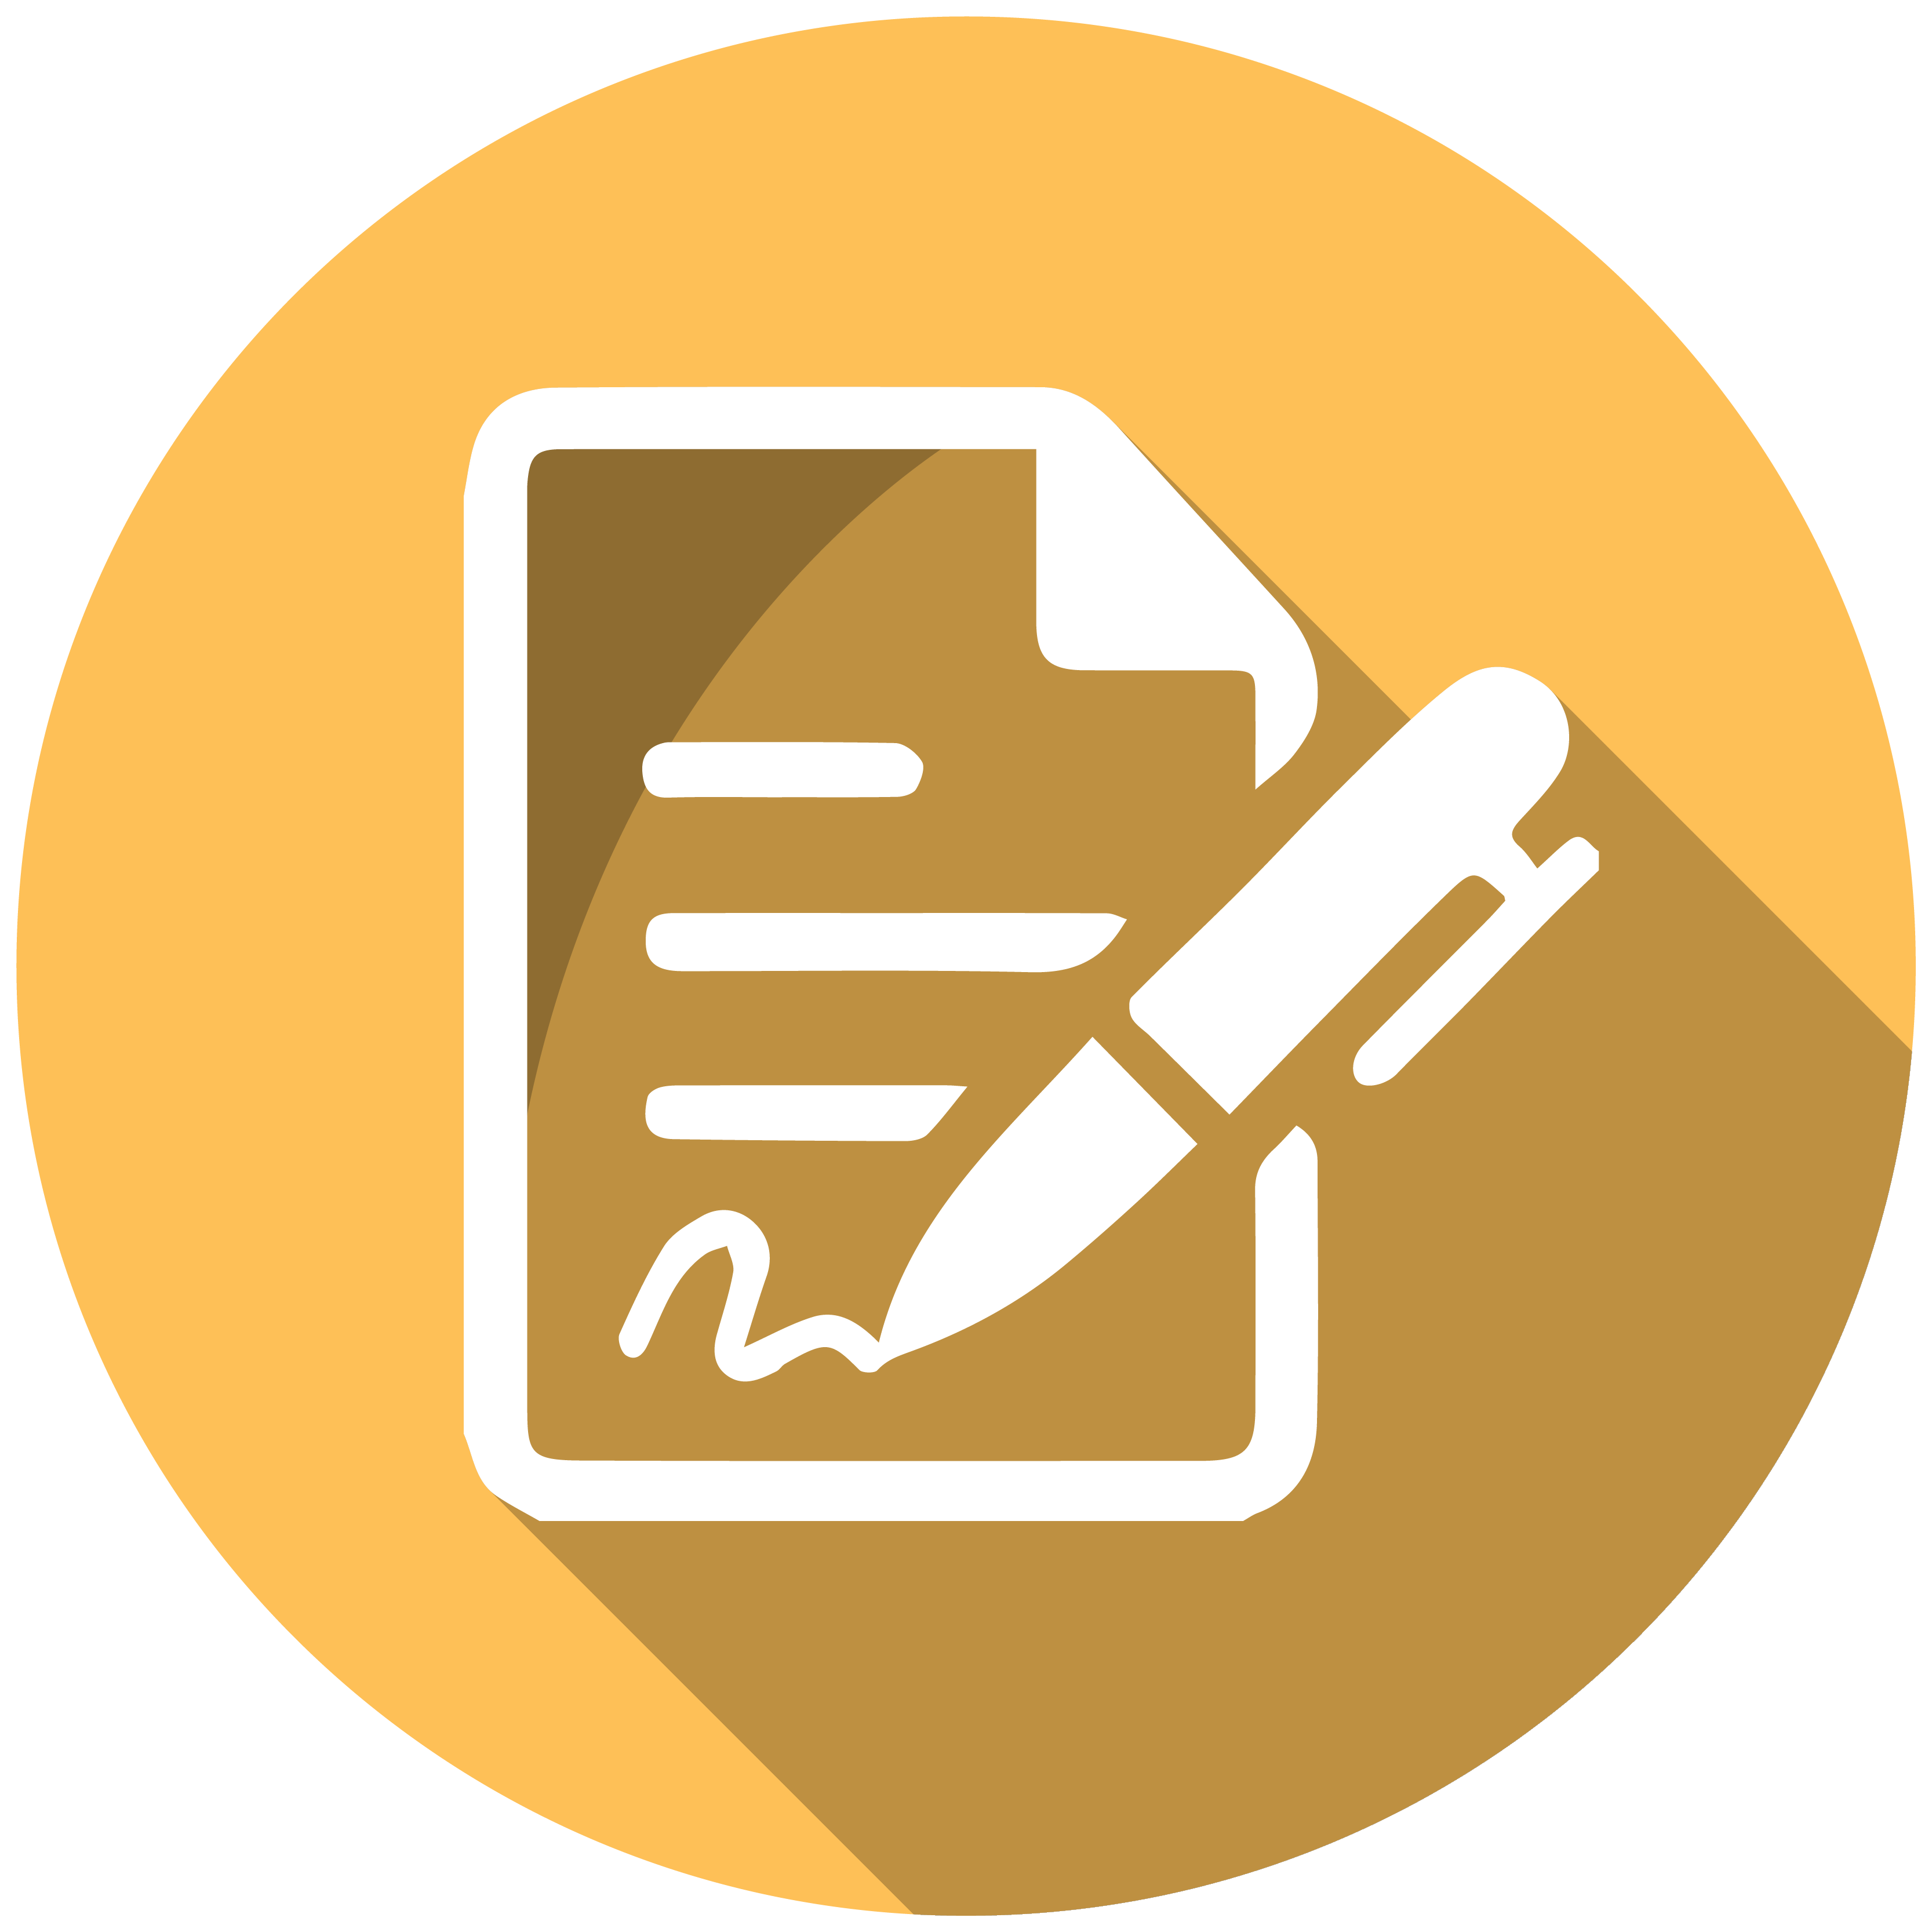 دانلودپروژه کارآموزی دستور العمل بهره برداري و تعميرات بخش های مختلف كارون3